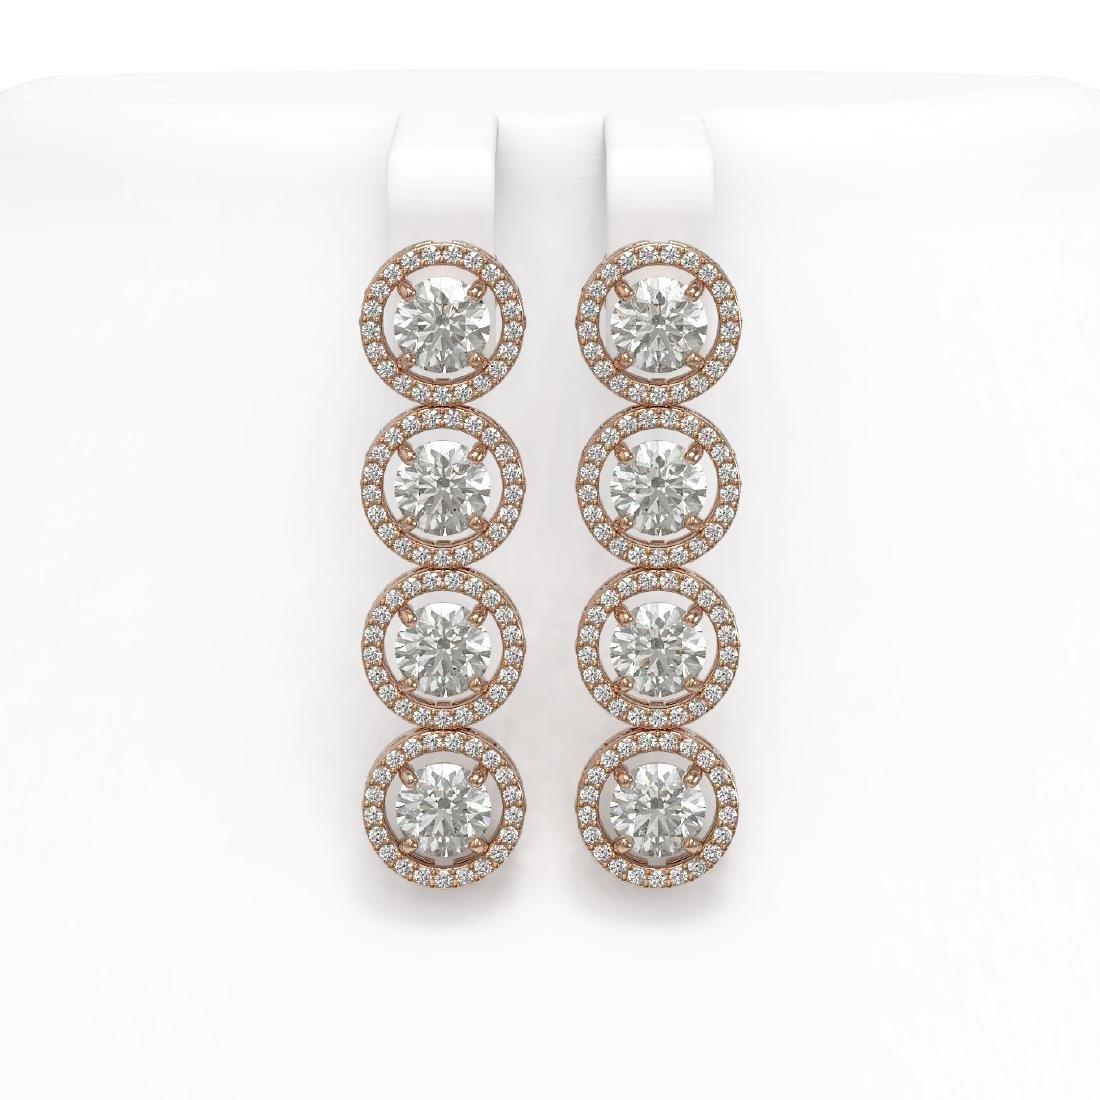 6.14 CTW Diamond Designer Earrings 18K Rose Gold